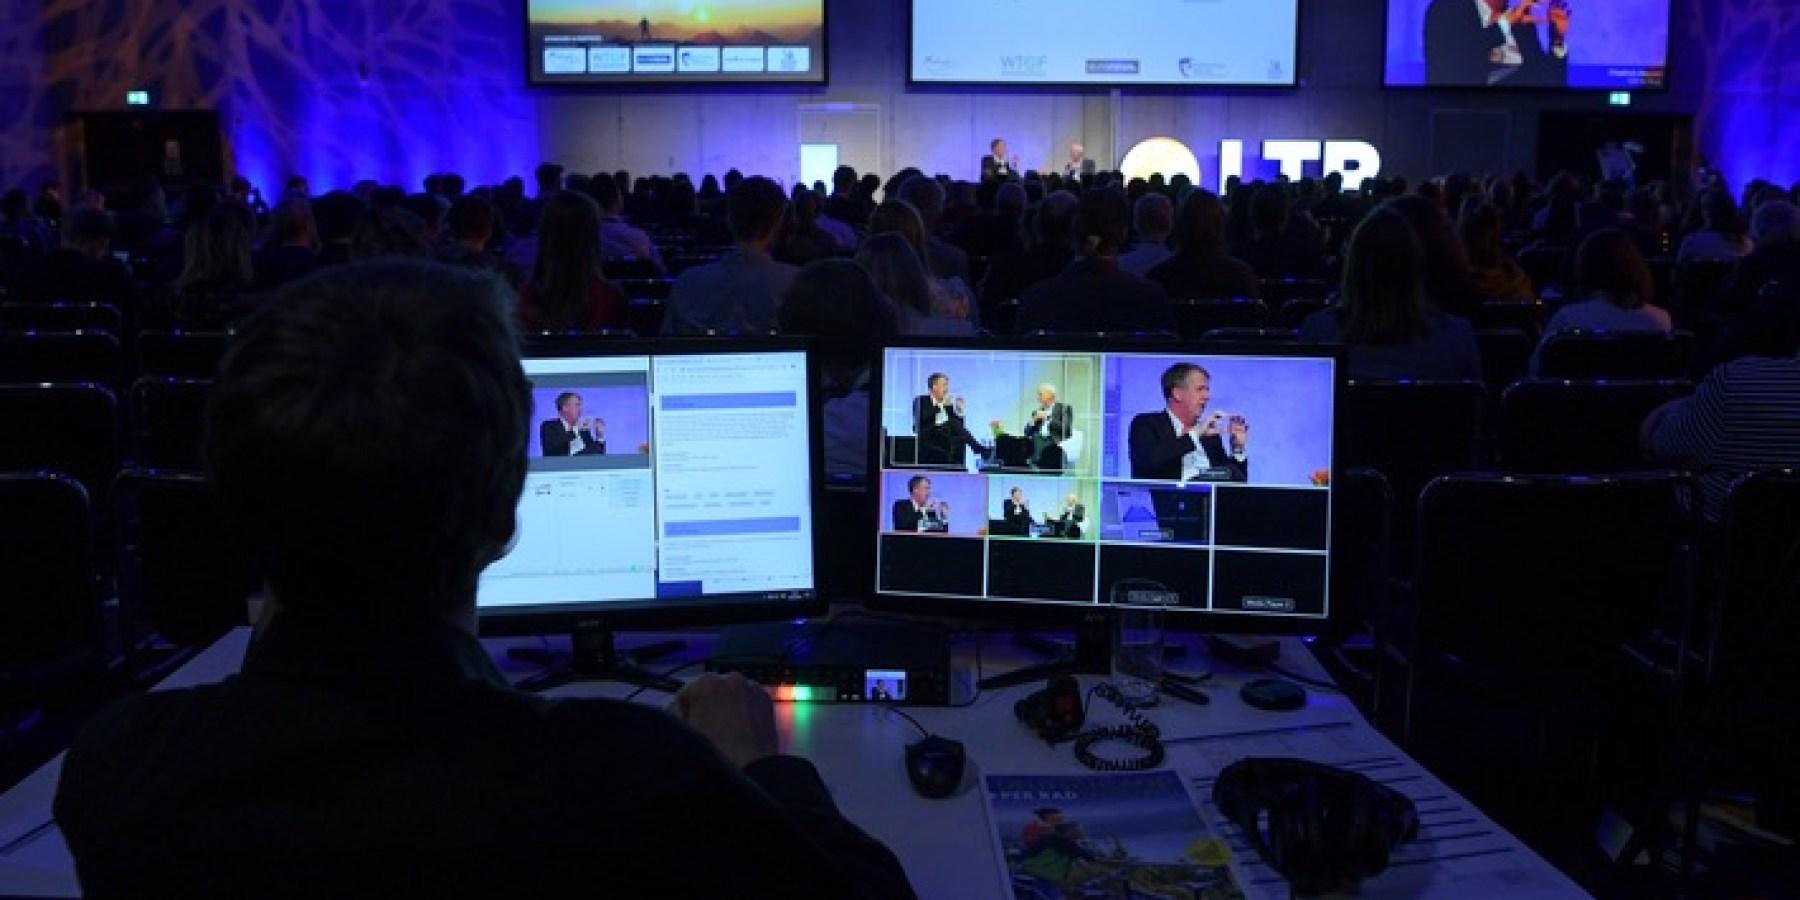 Neue Plattform itb.com startet heute: Networking, Branchen-News und virtueller ITB-Kongress